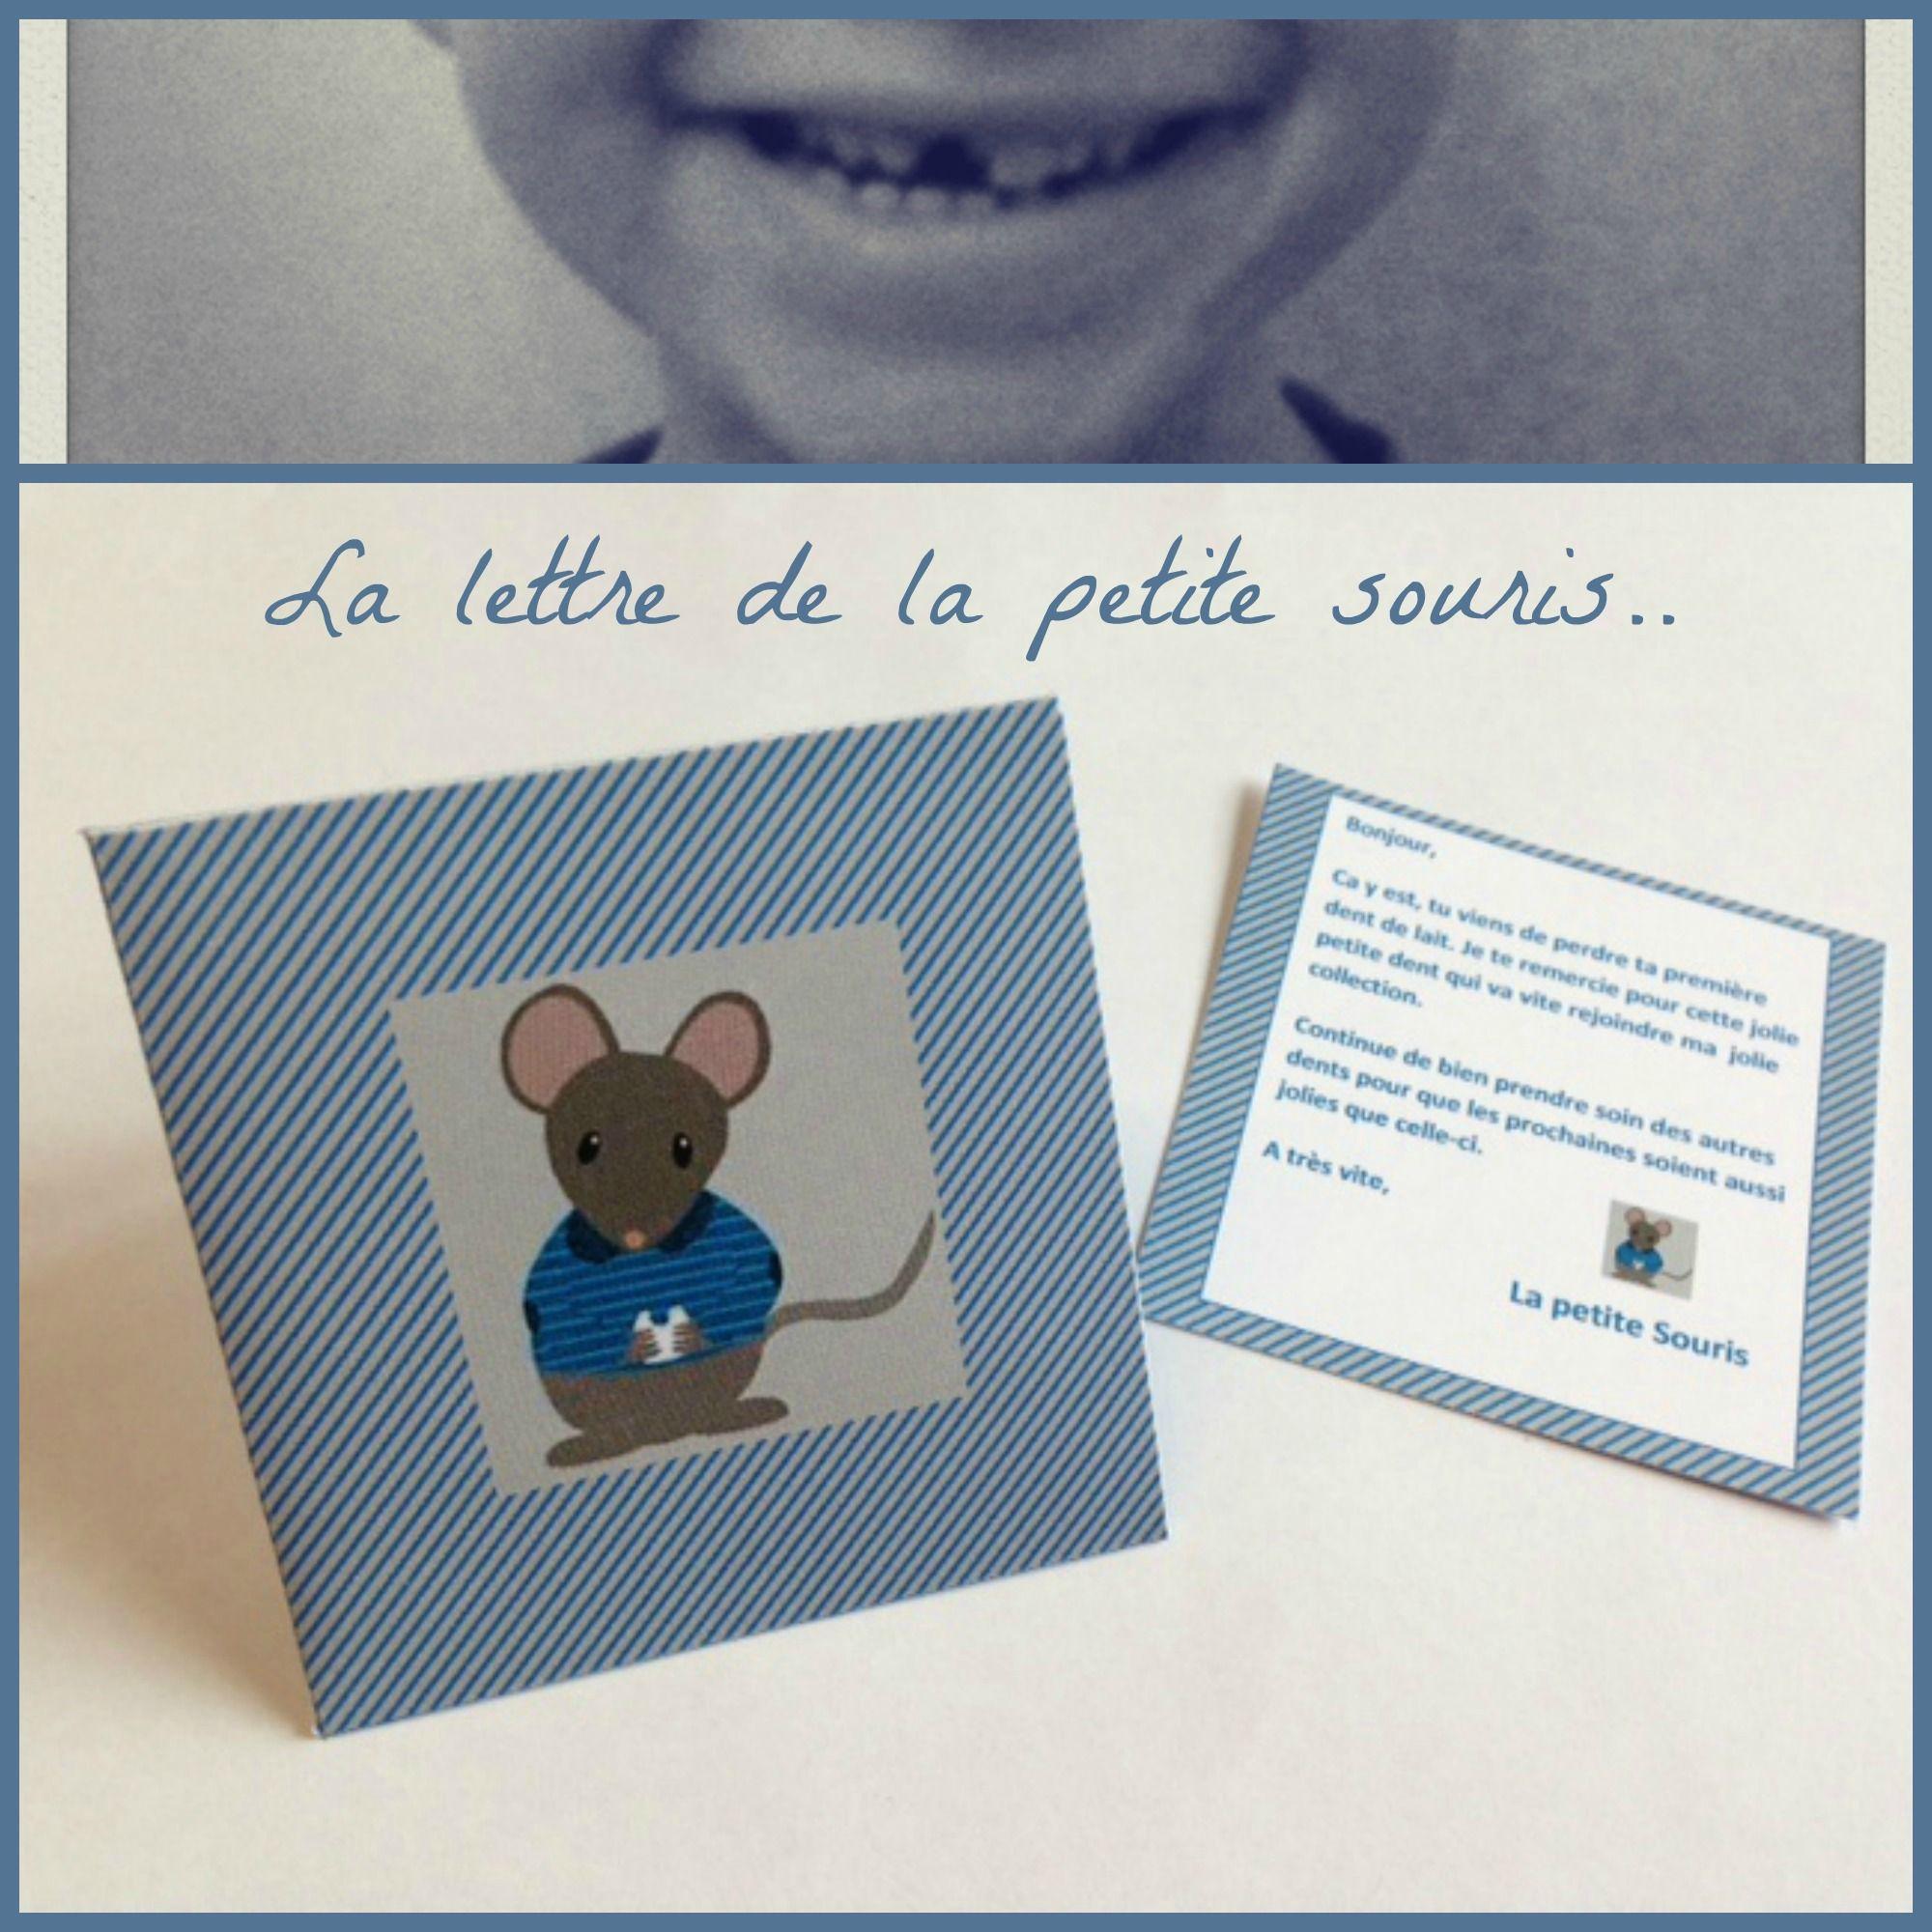 la petite souris est pass e la lettre d poser sous l oreiller et son enveloppe imprimer. Black Bedroom Furniture Sets. Home Design Ideas